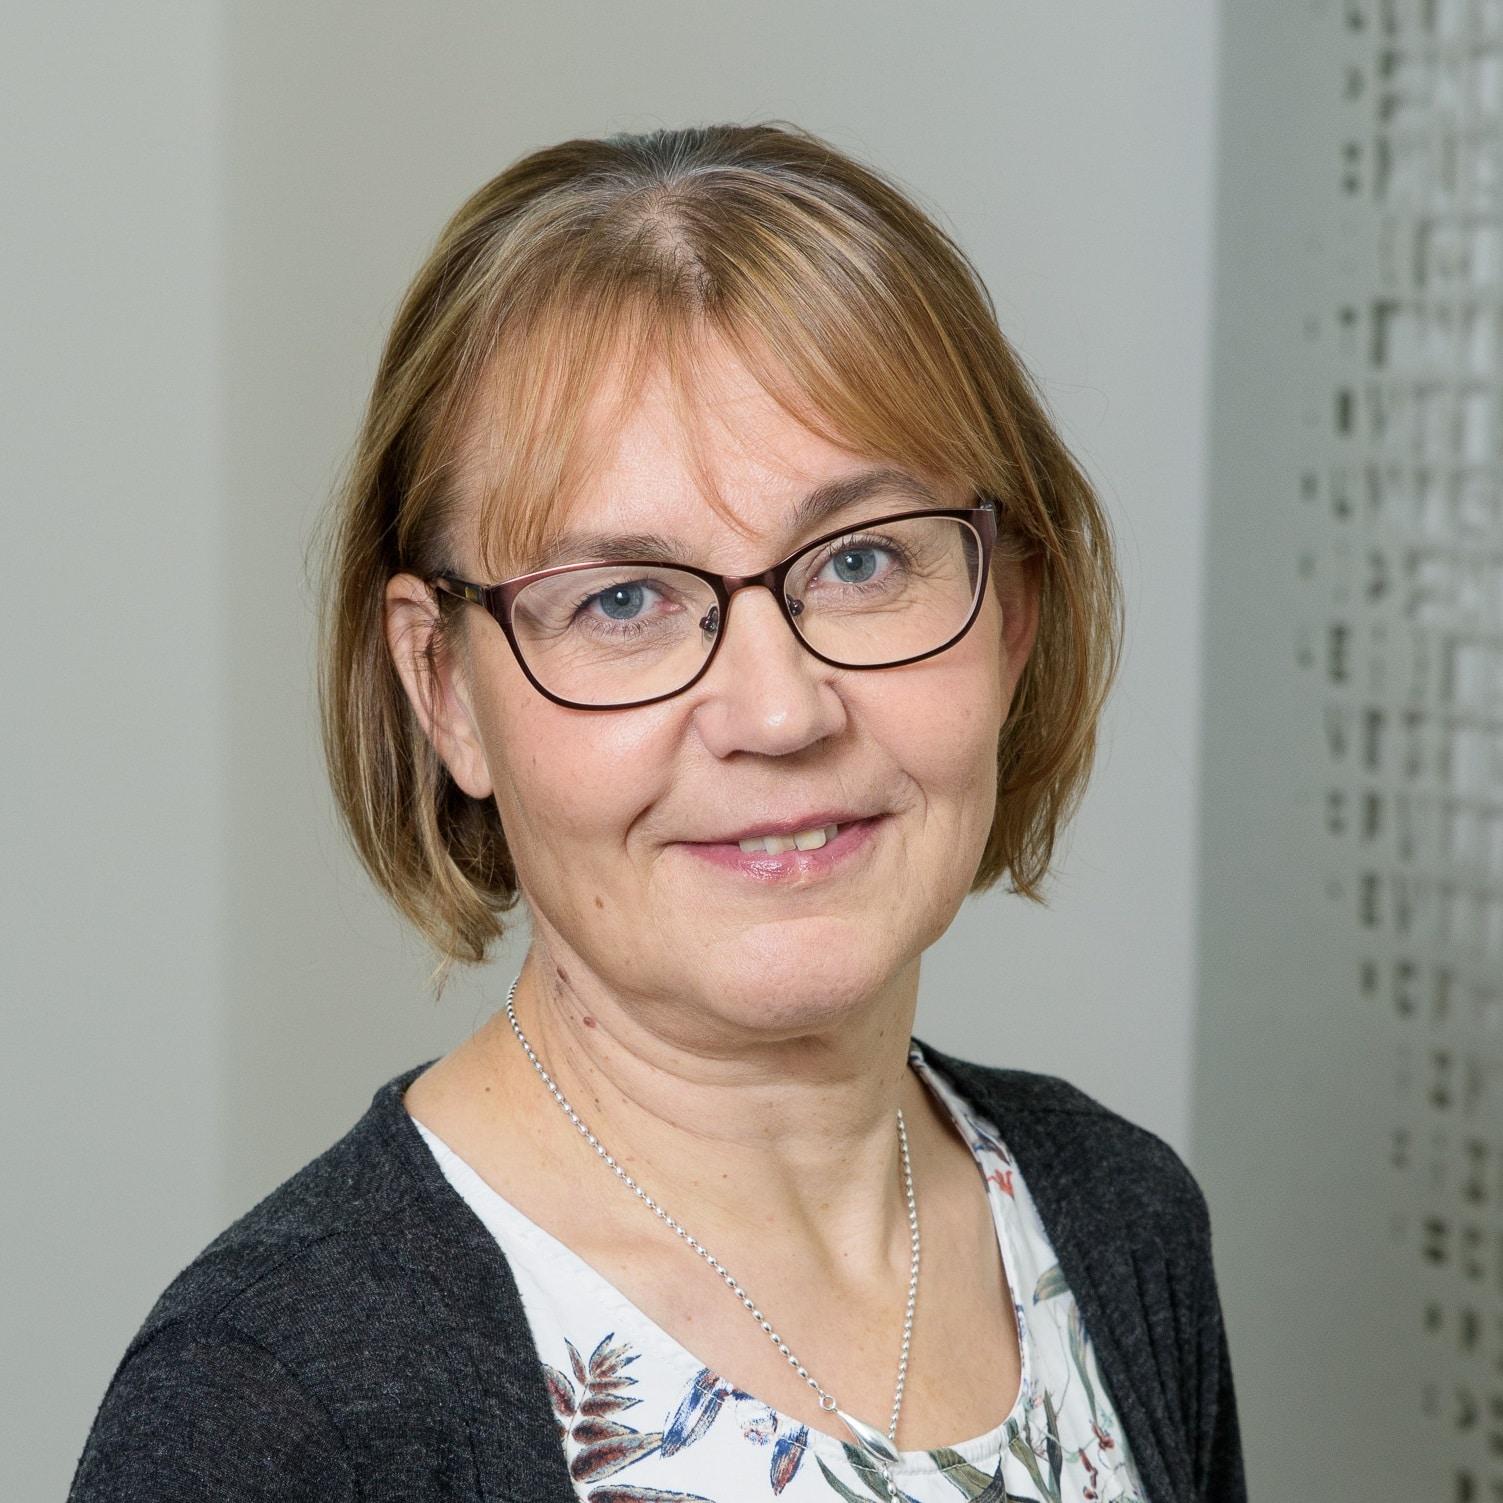 Maritta Kymäläinen